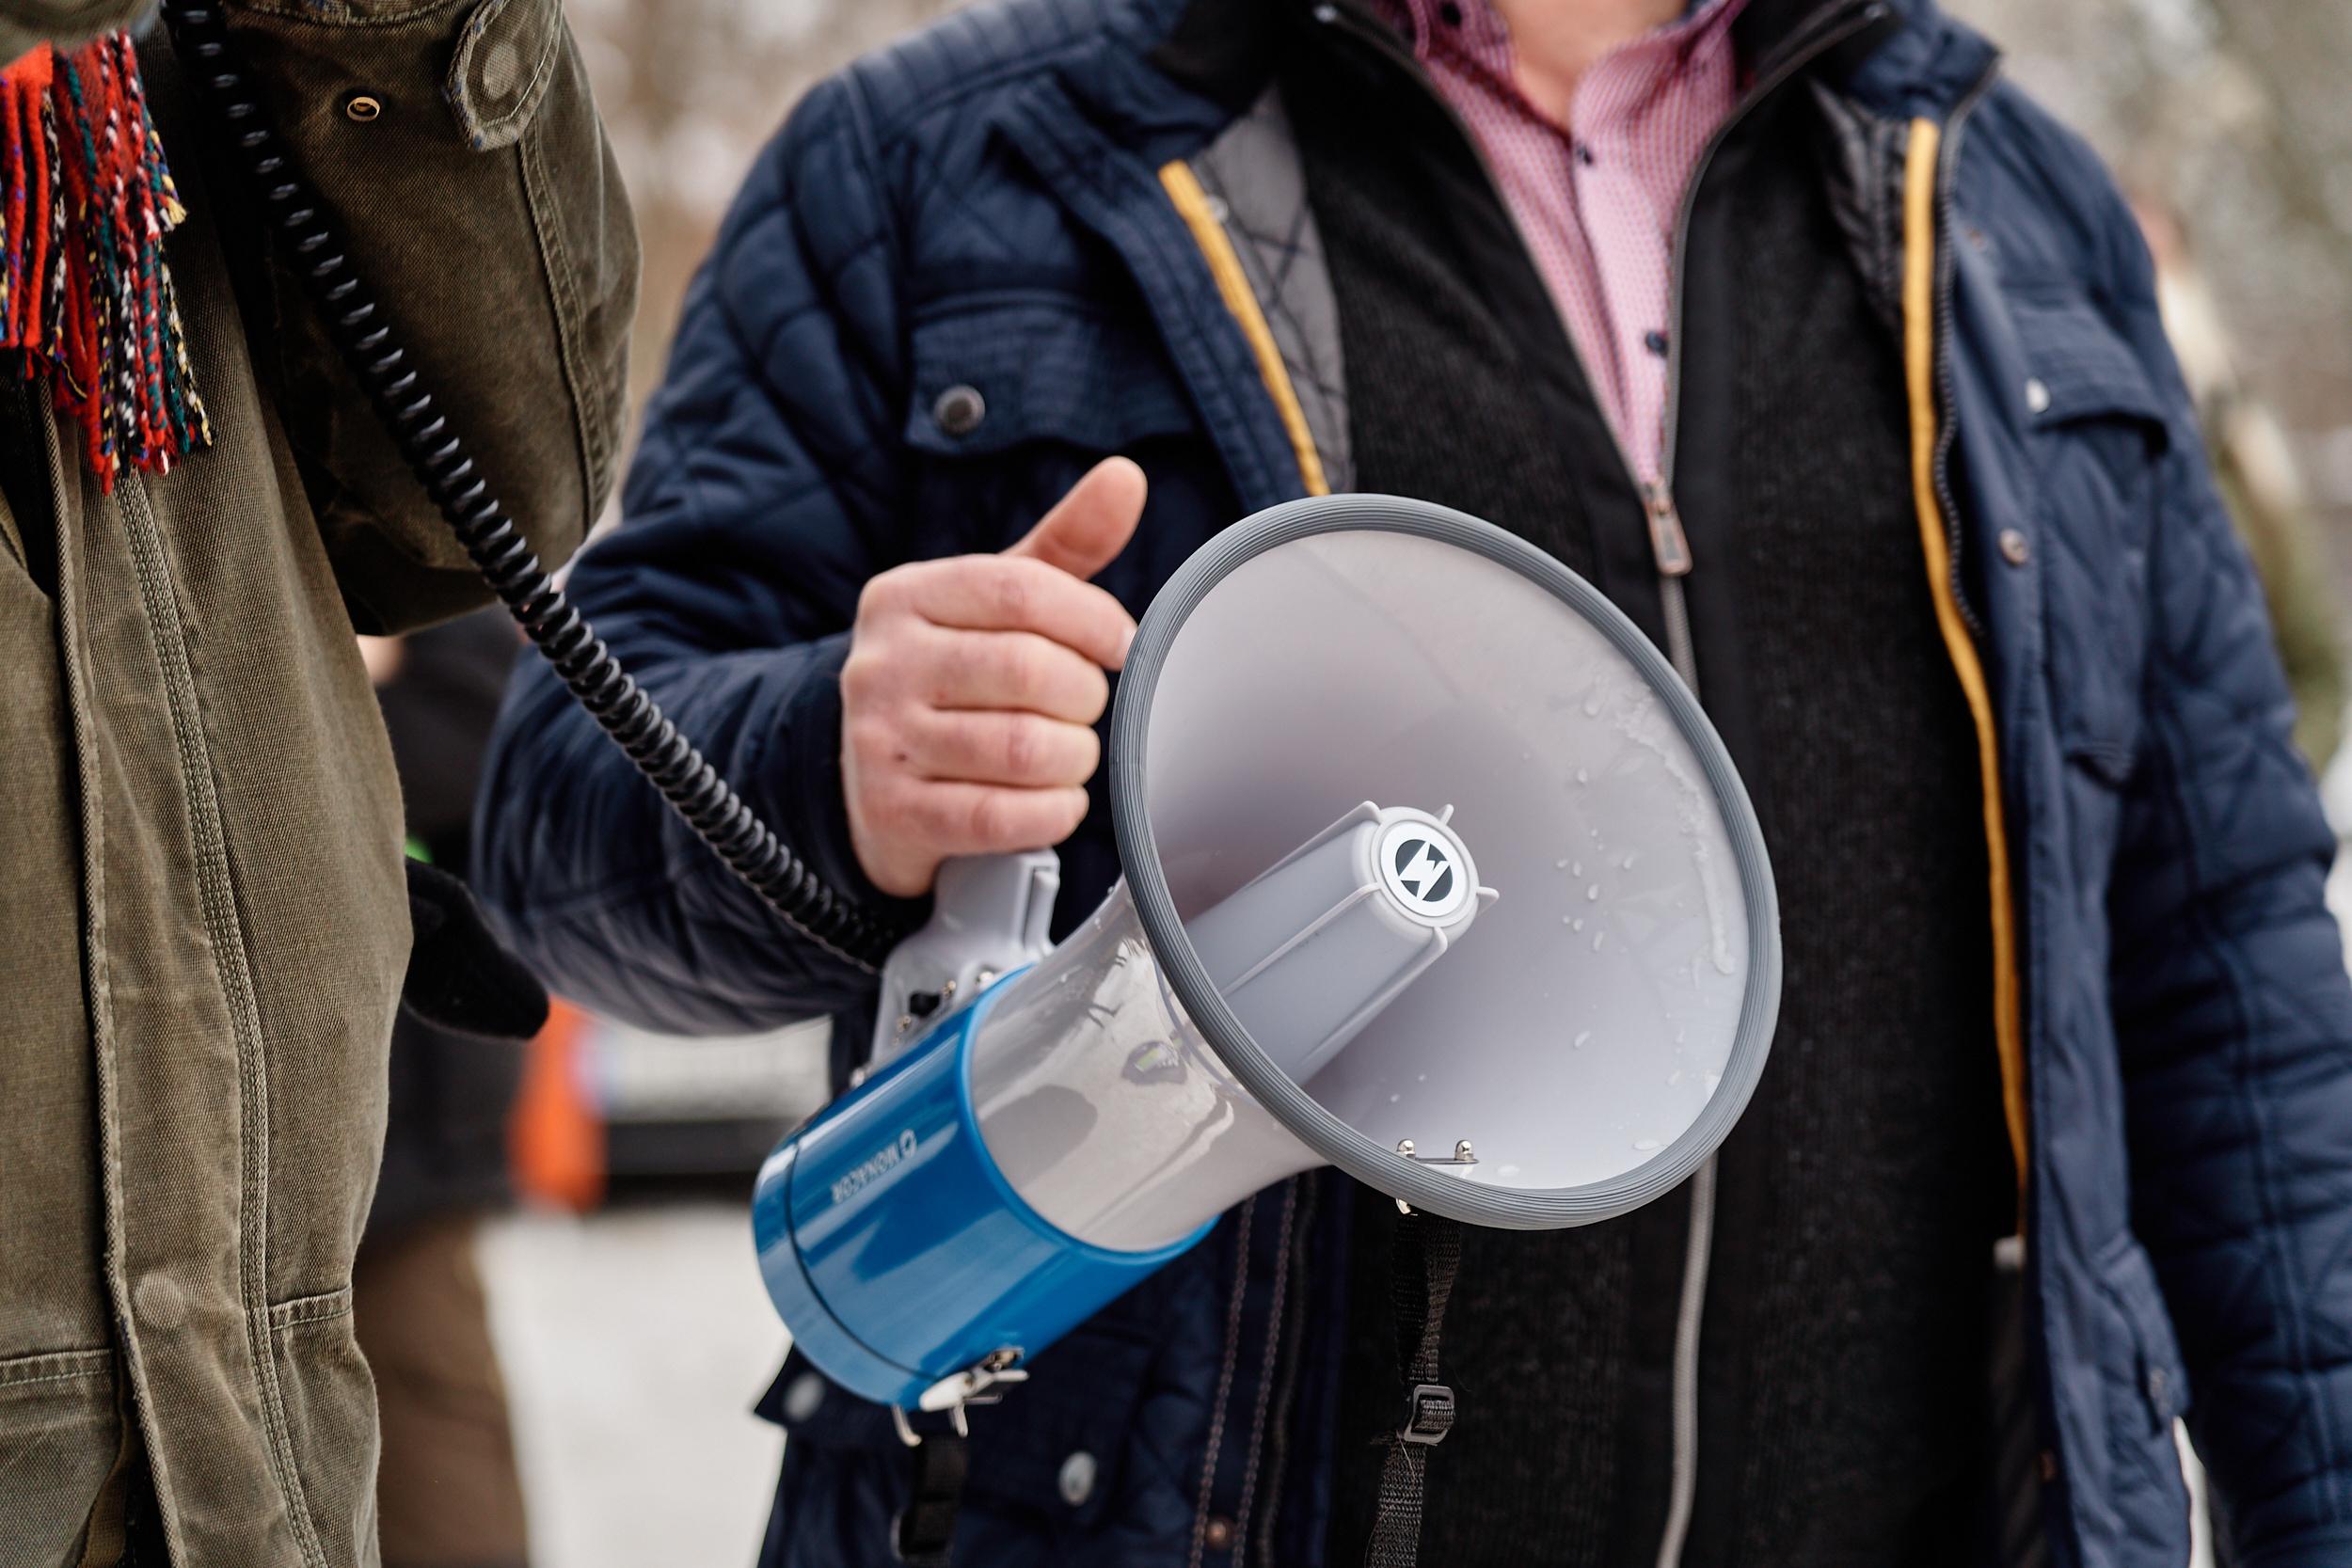 Ein Megafon, gehalten von einem Mann in einer blauen Jacke